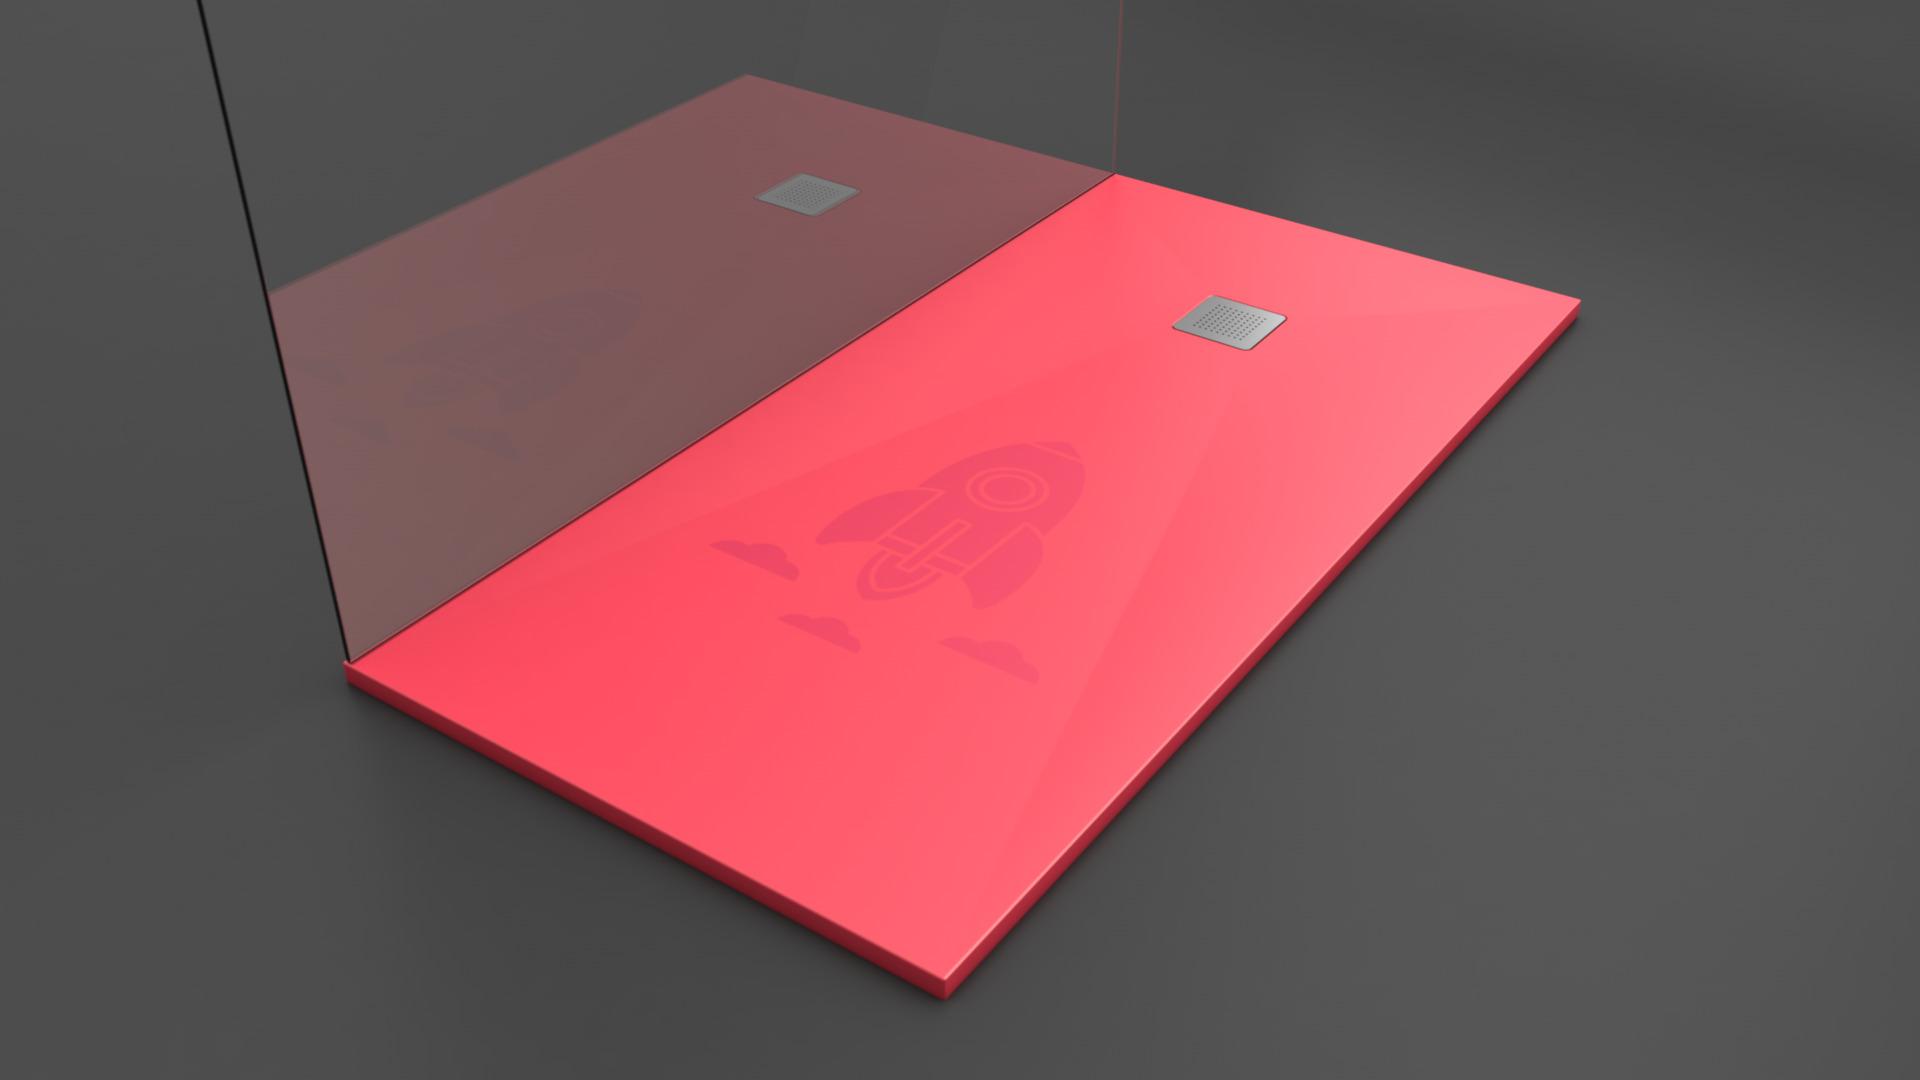 Texence Square - Plato de ducha - Rojo con textura cohete